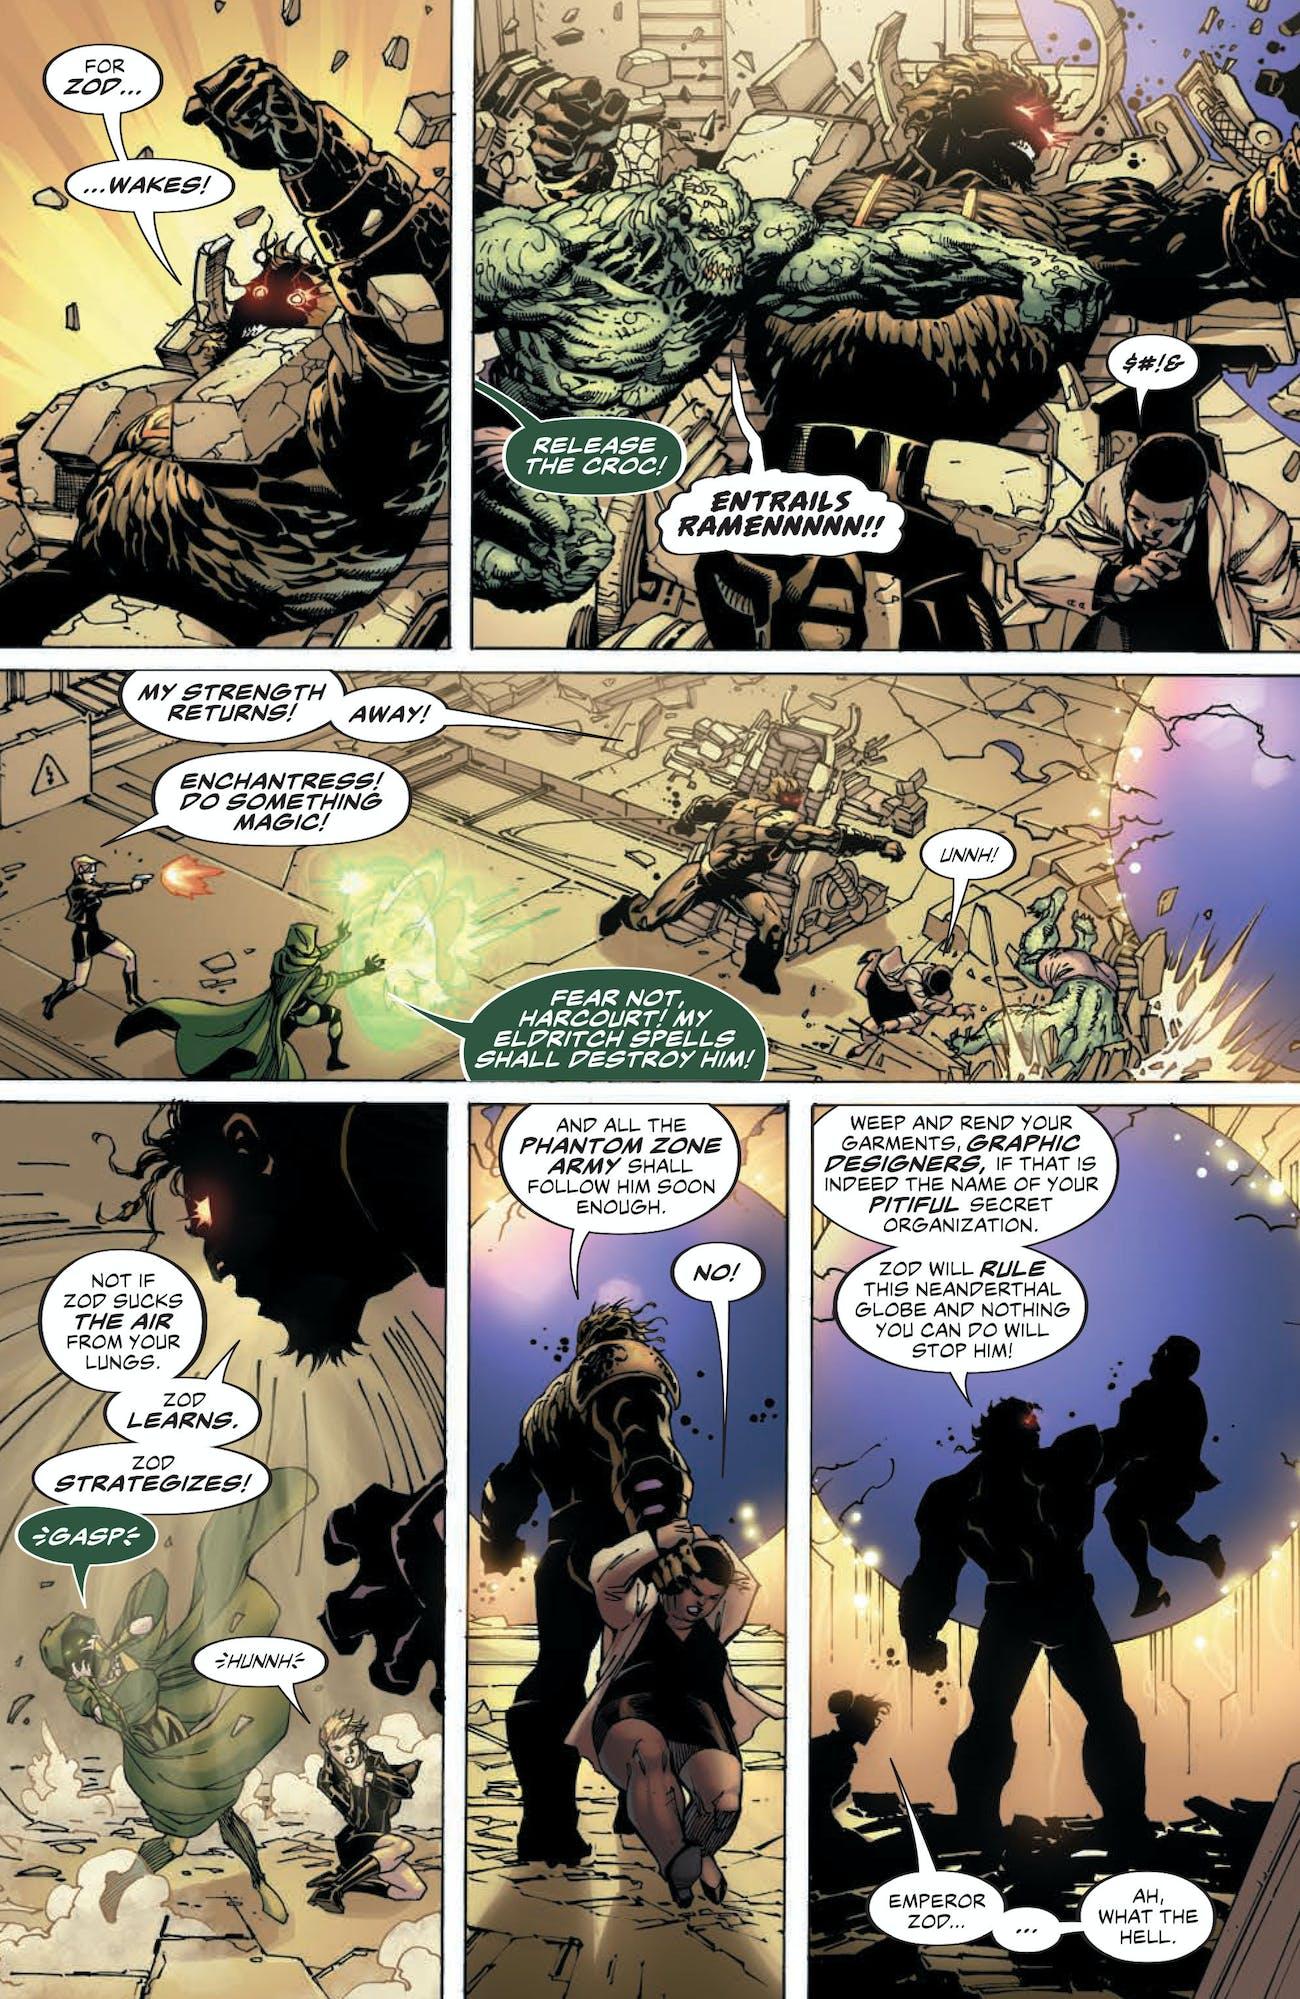 DC Zod